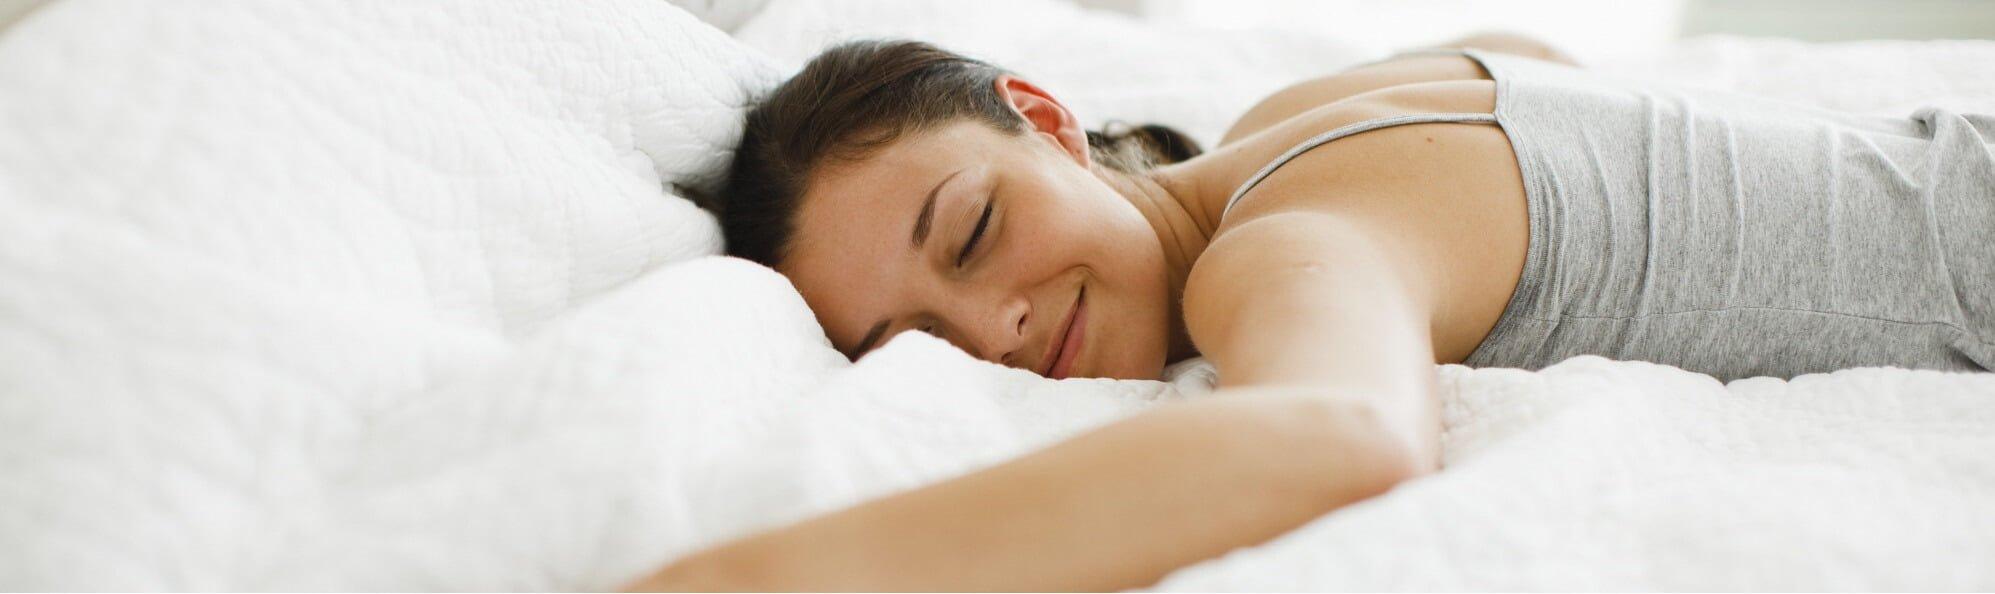 sleeping image 2